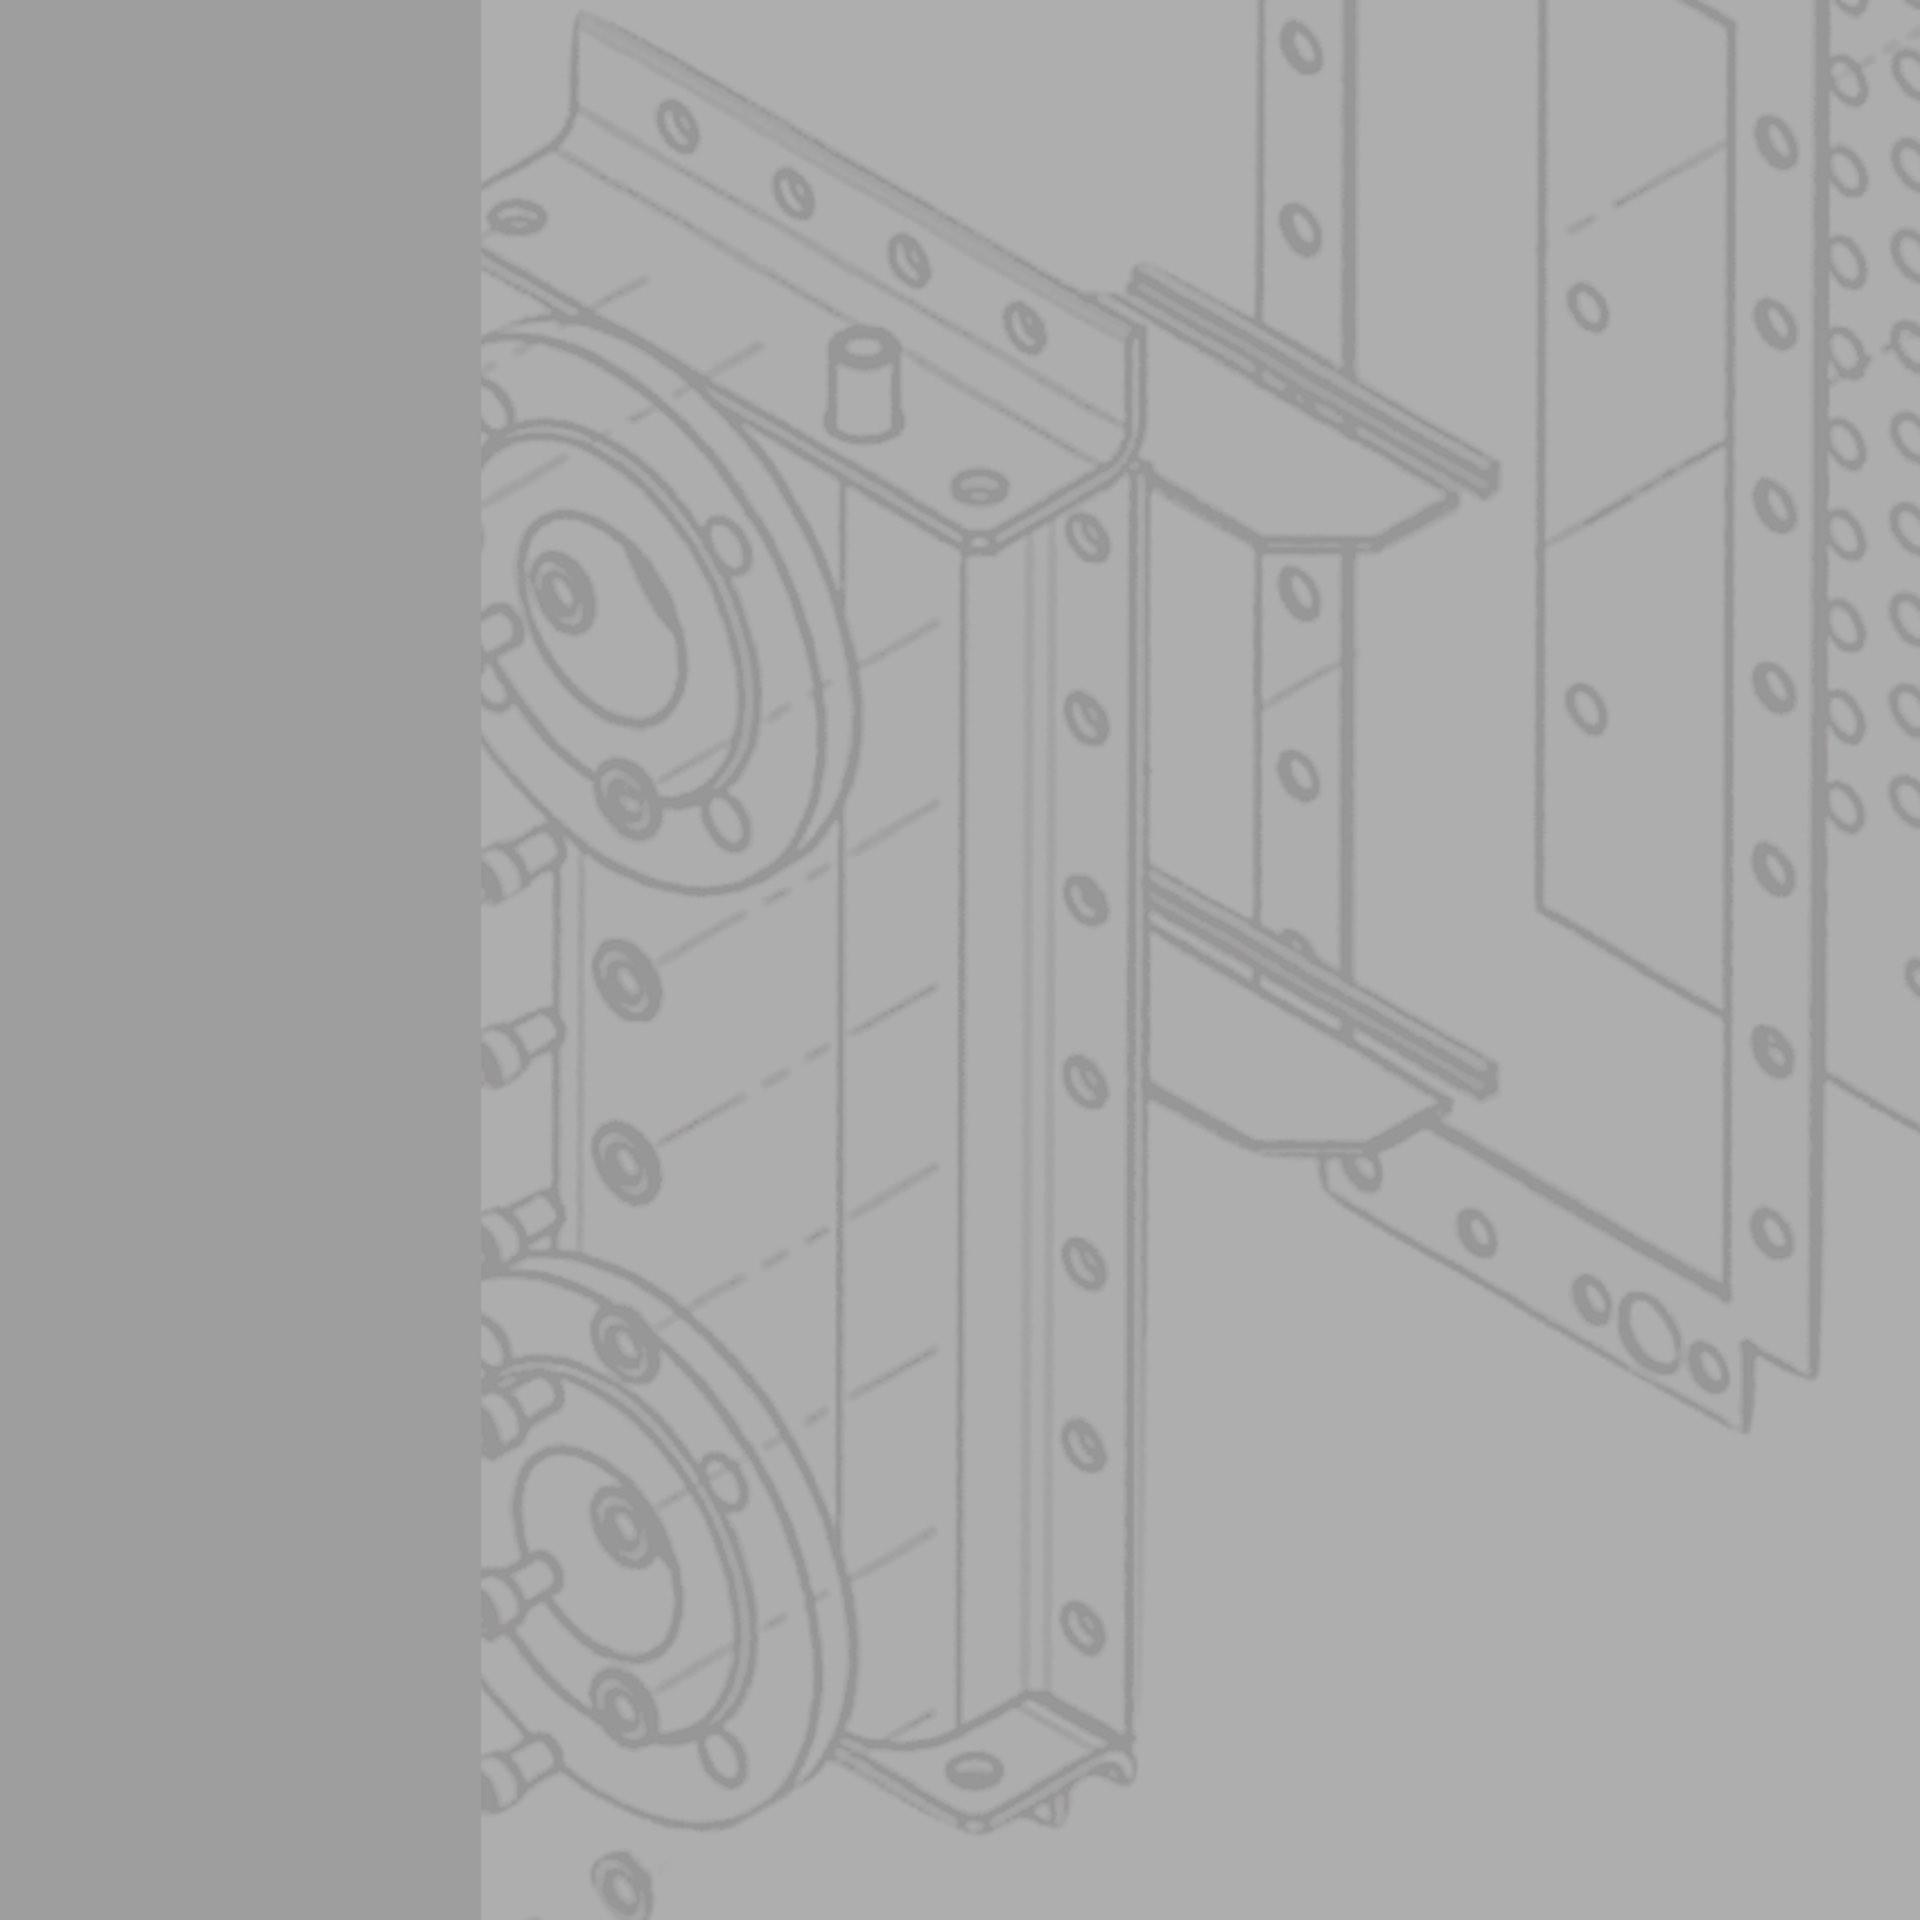 GWA_spare_parts_and_service_1_Gesellschaft_fuer_Waerme_und_Anlagentechnik_mbH_monochrom